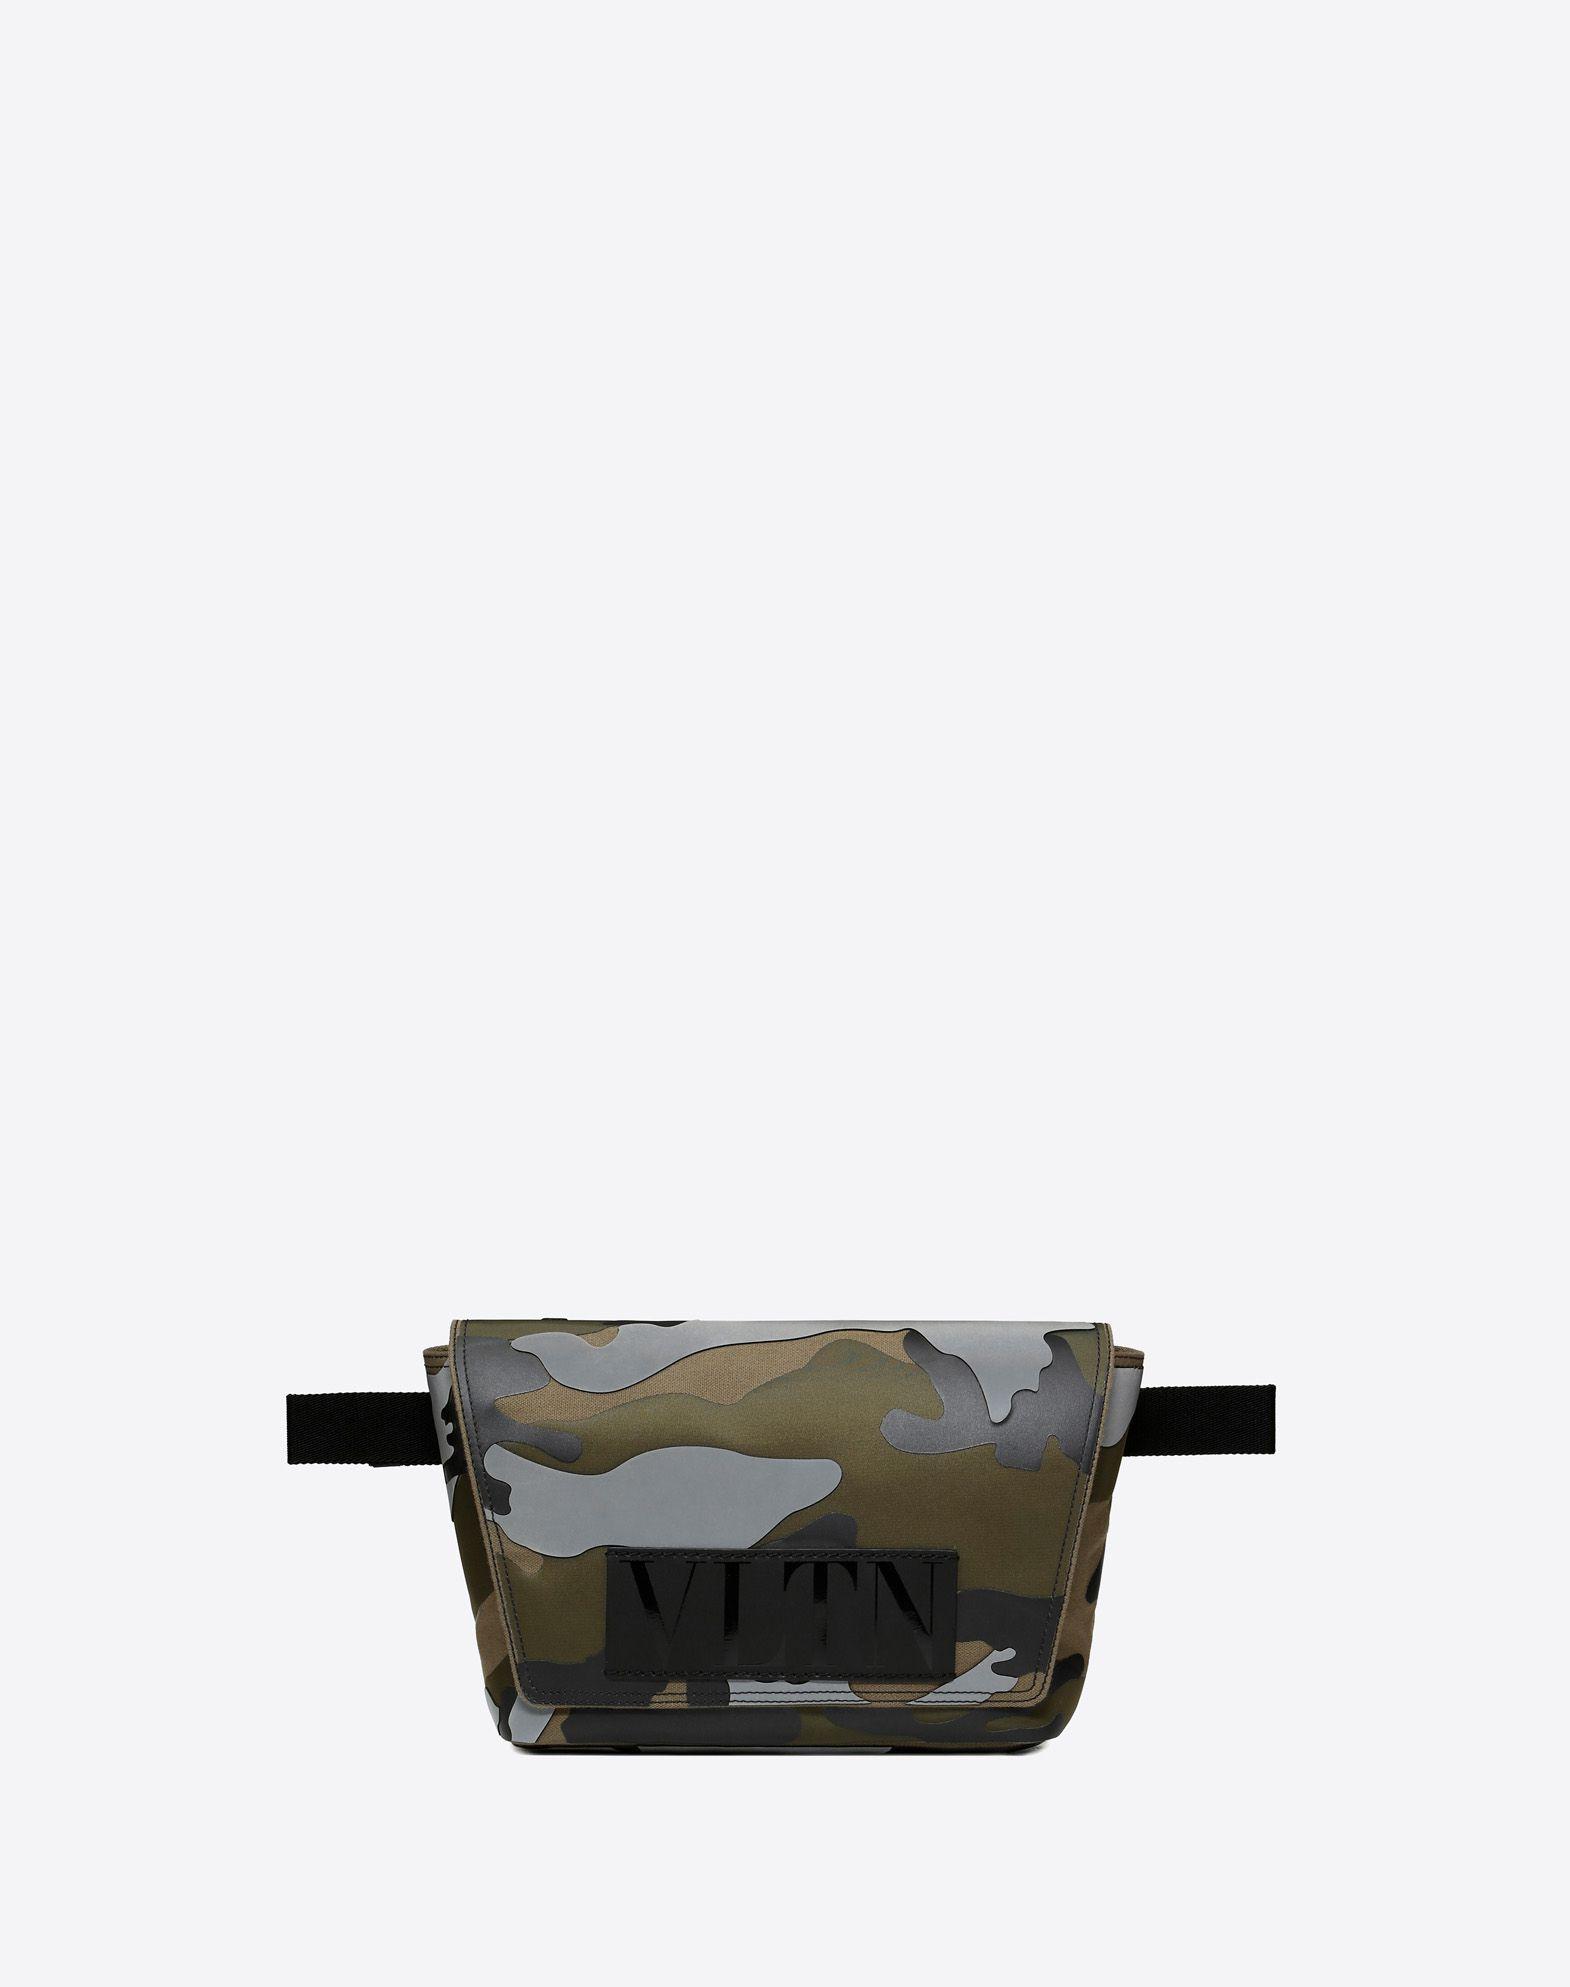 VLTN CAMOUFLAGE BELT BAG WITH REFLECTIVE DETAIL